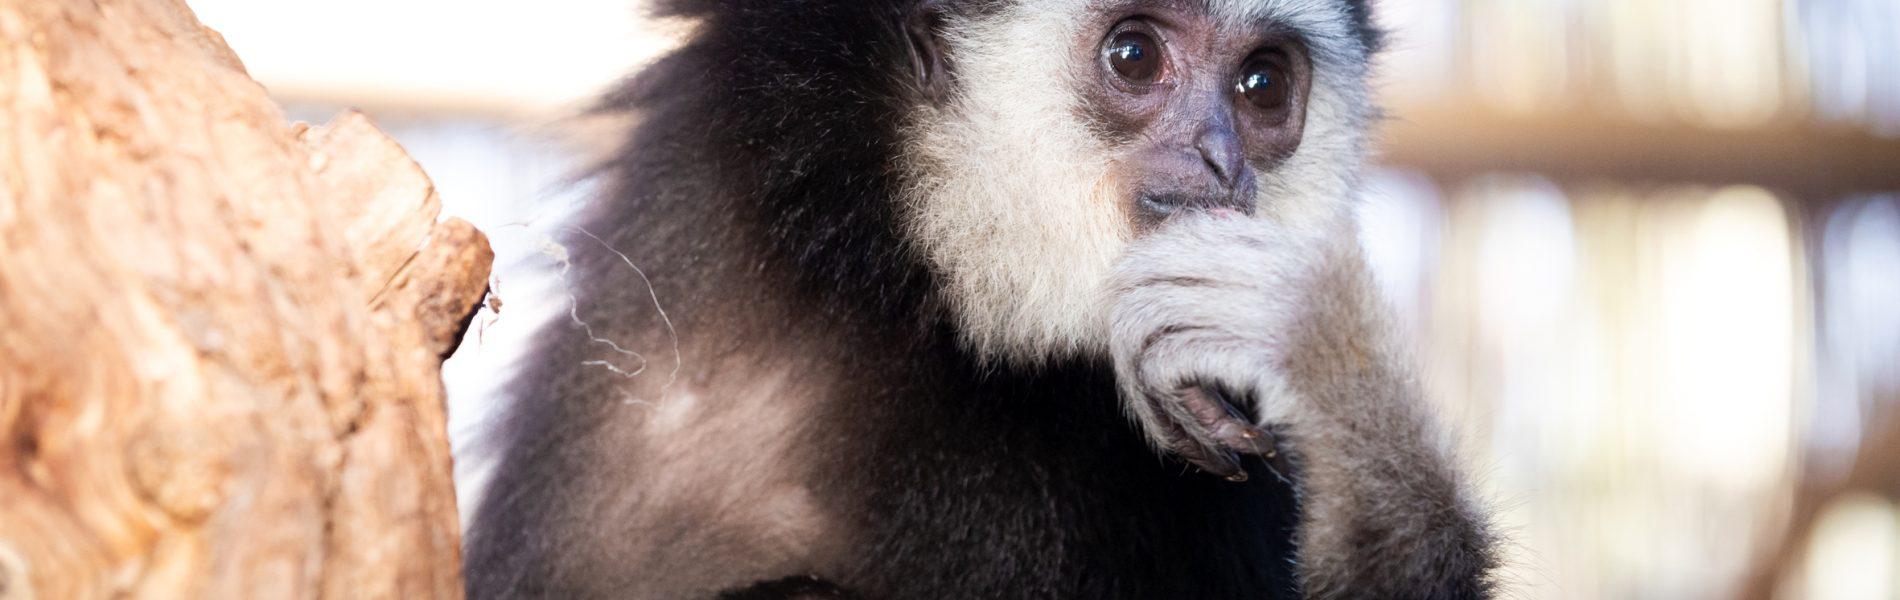 Auf diesem Bild sieht man einen Gibbon, der die Hand am Kinn hat, als würde er gerade nachdenken.